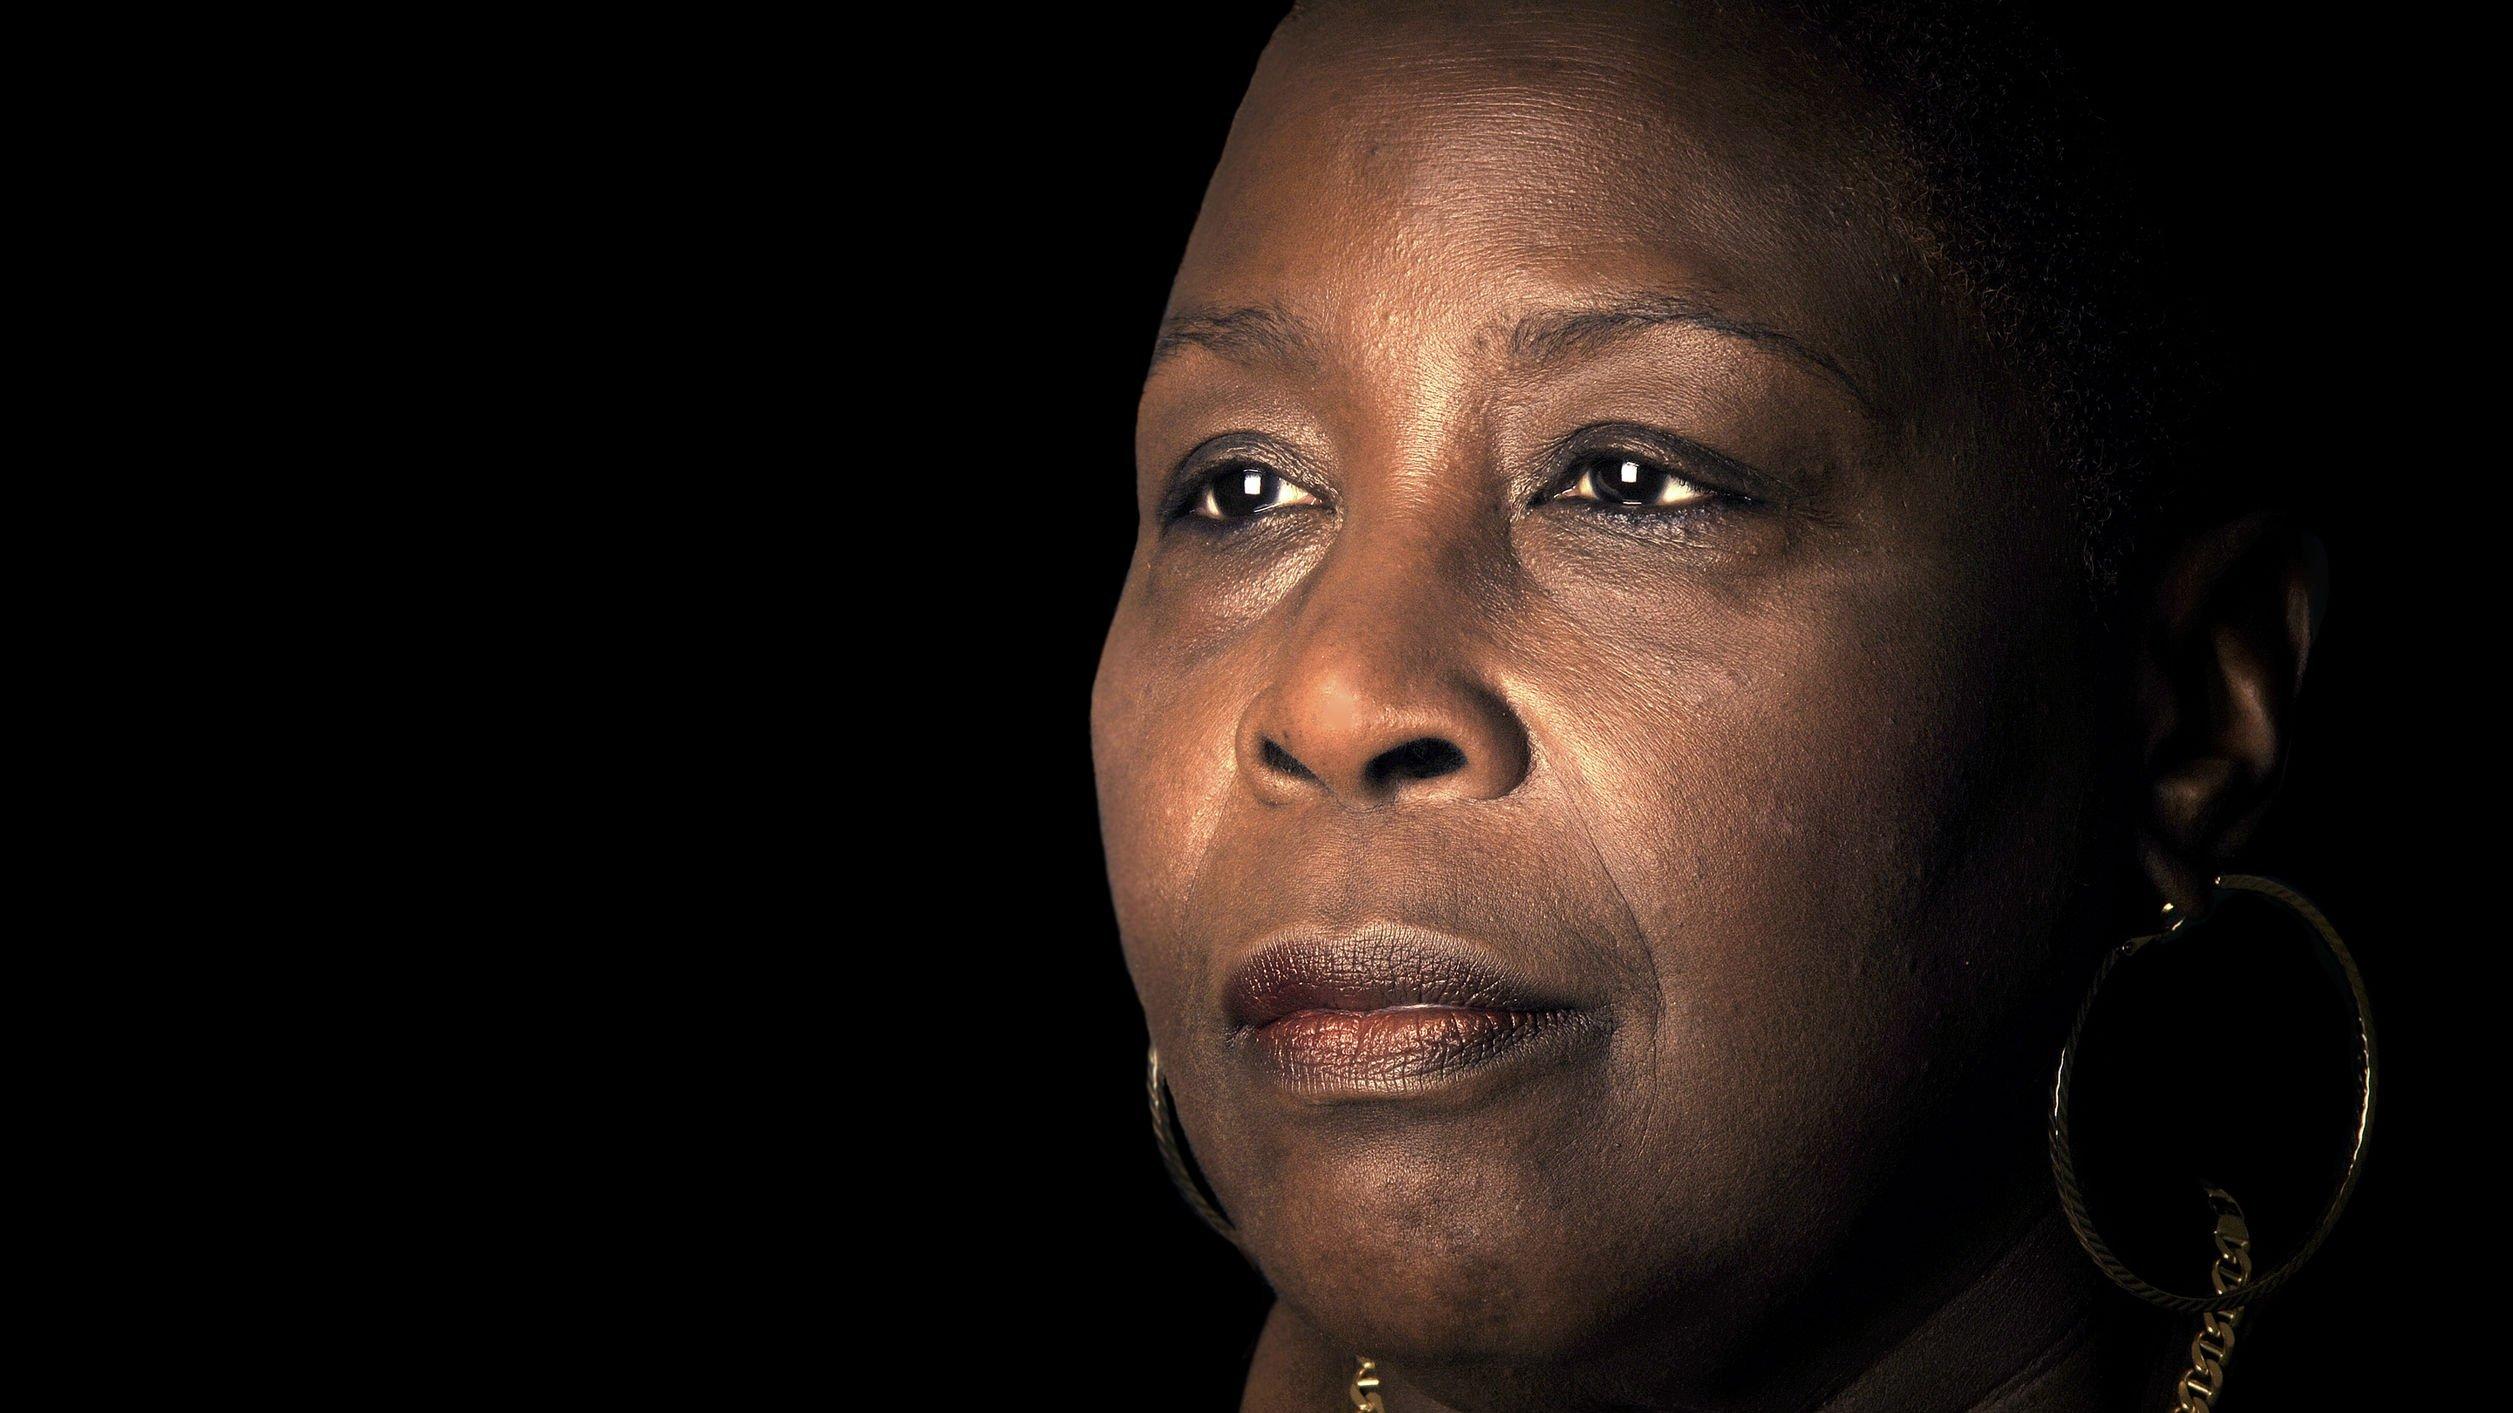 Mulher negra olhando para o lado com olhar de tristeza